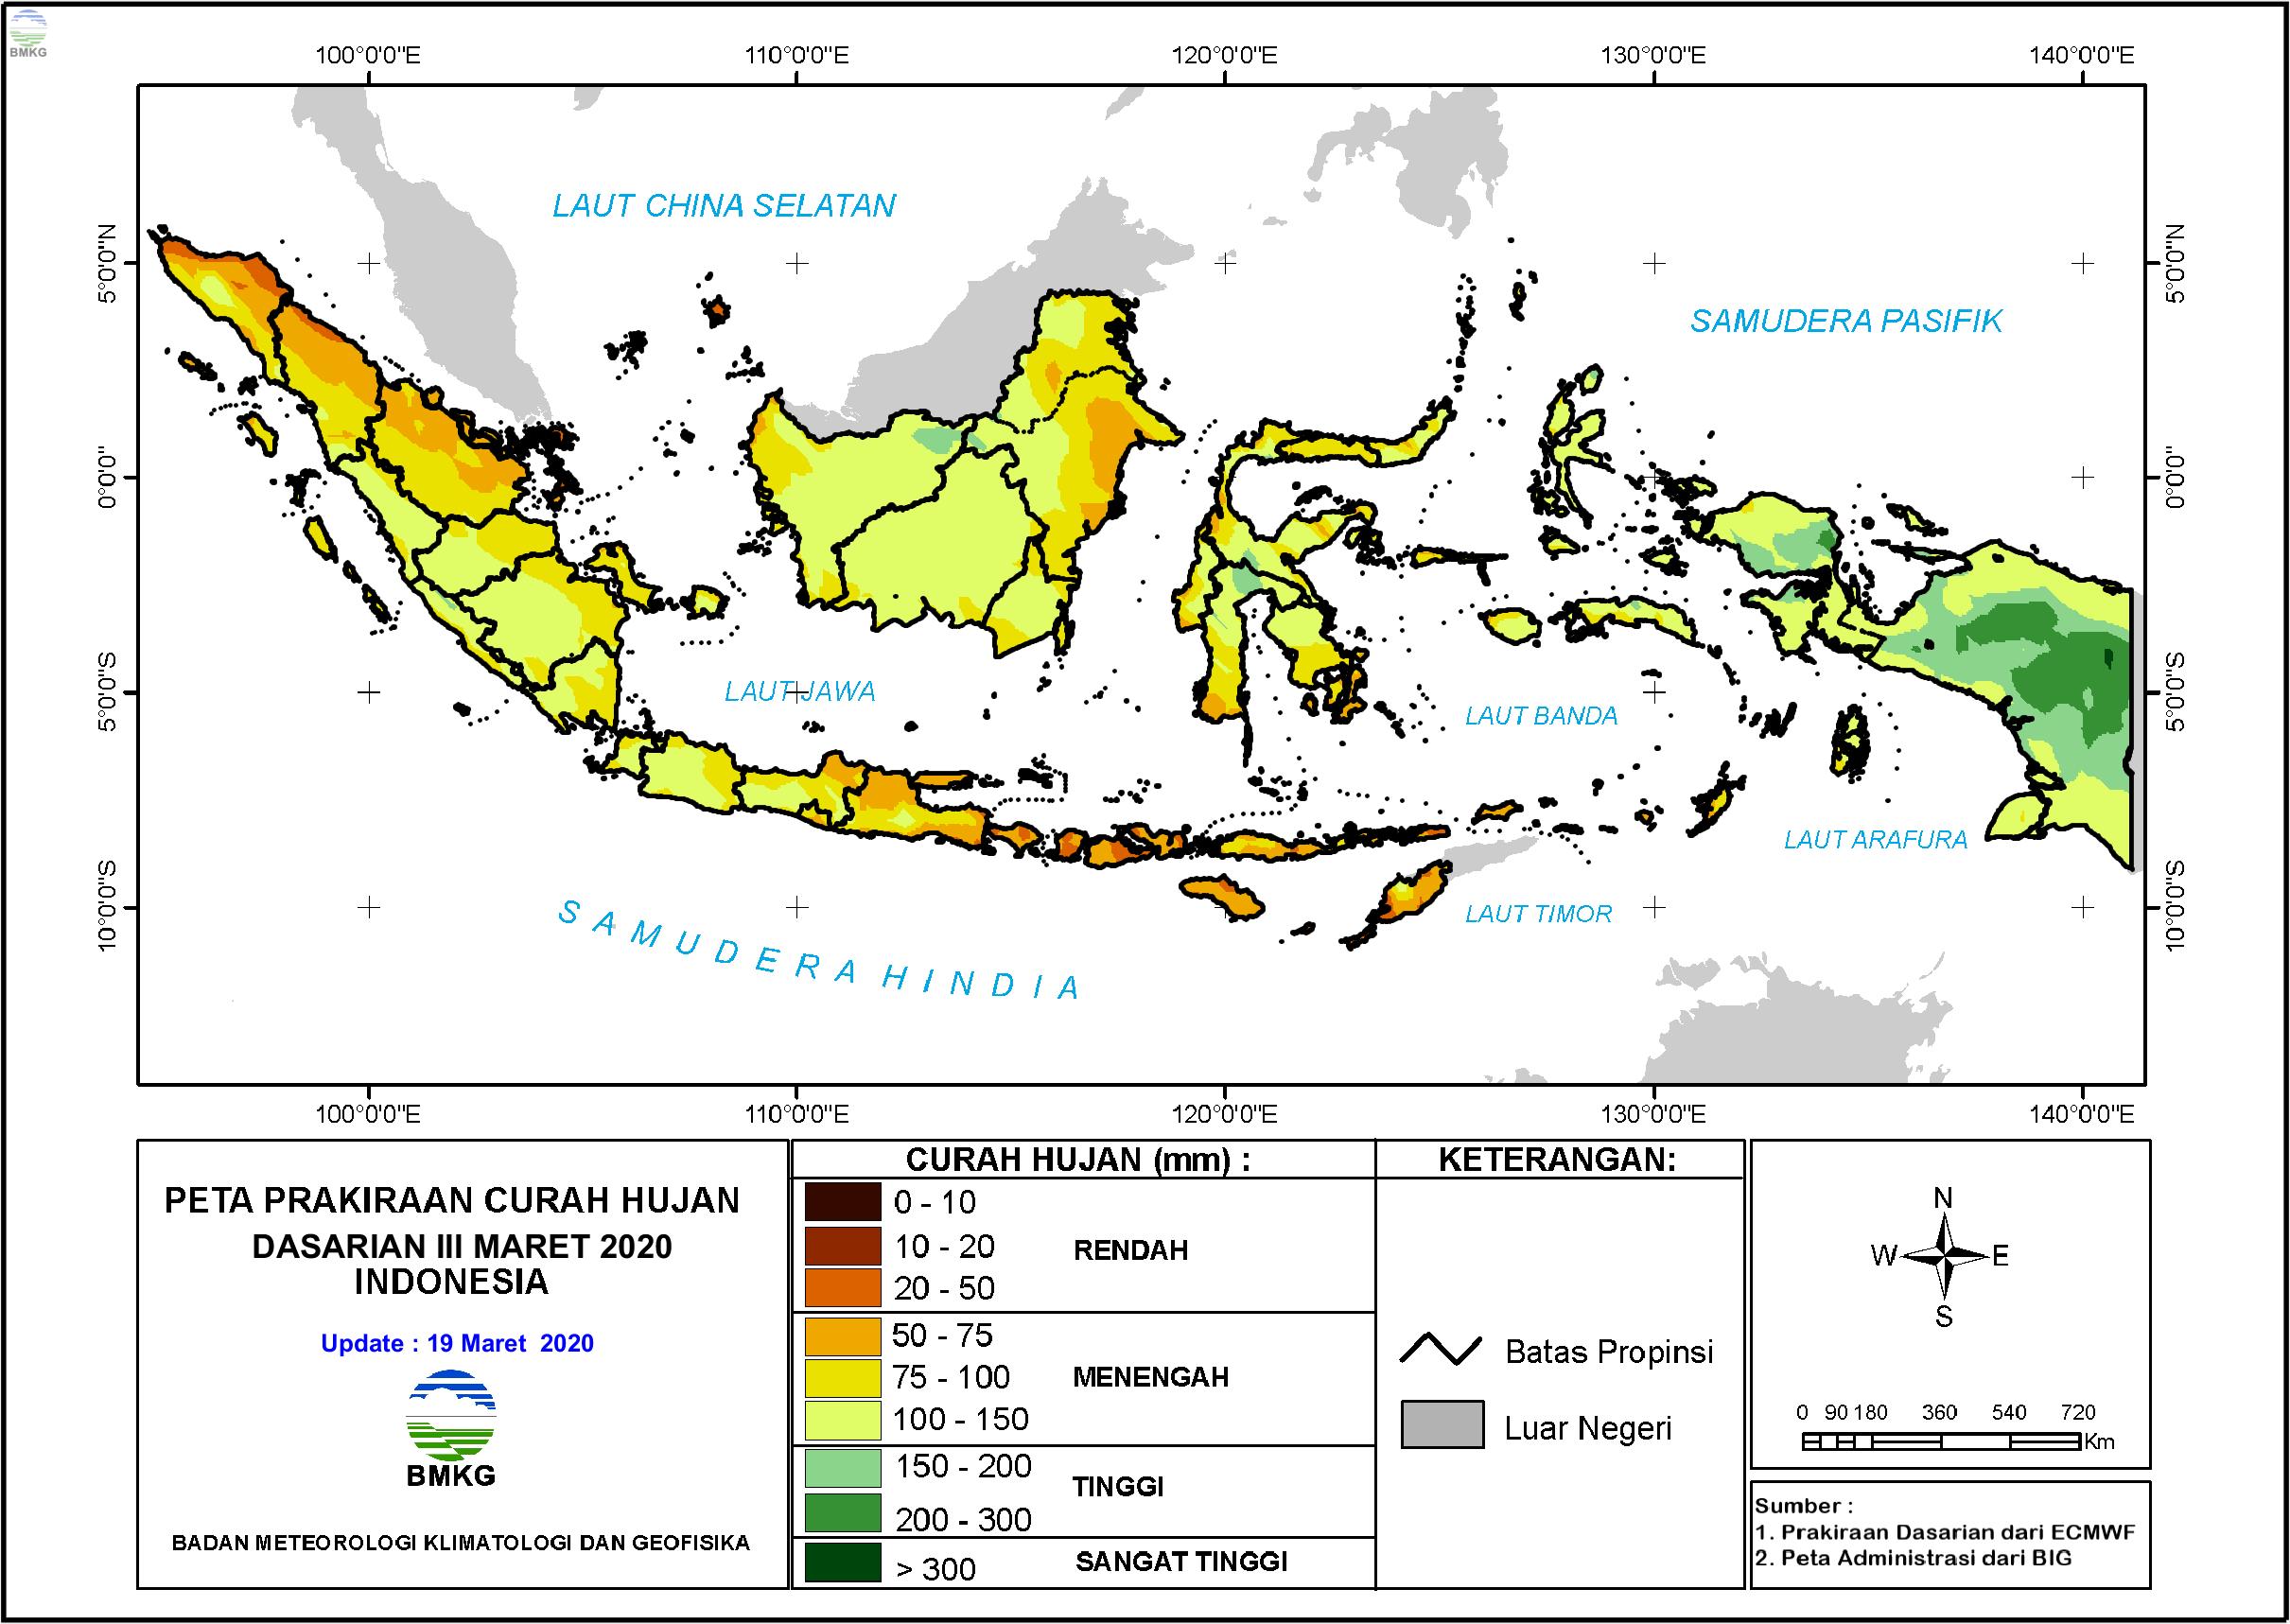 Prakiraan Hujan Dasarian III Maret dan I - II April 2020